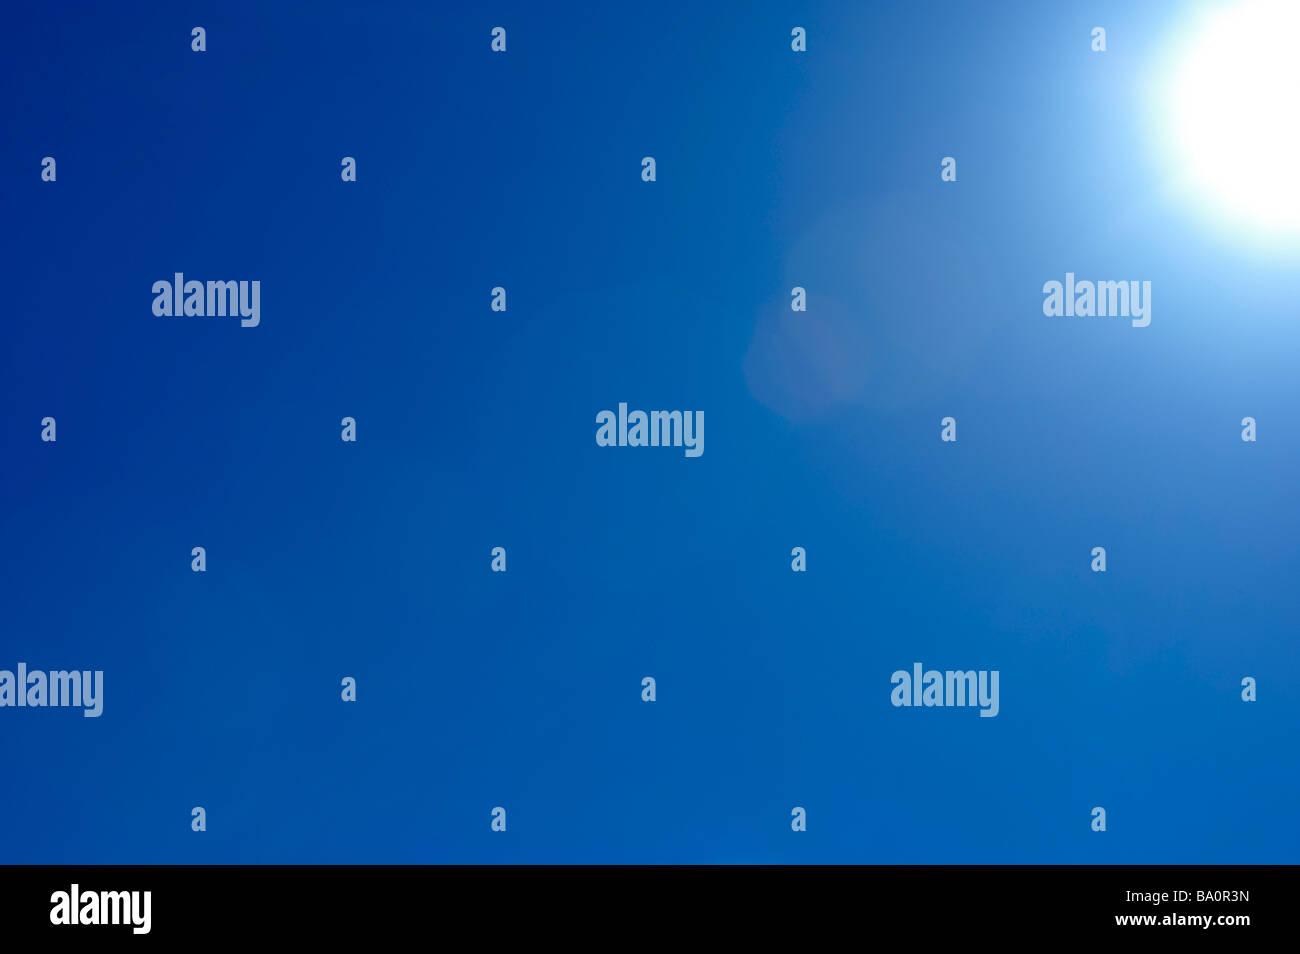 Flare soleil dans le ciel bleu Photo Stock